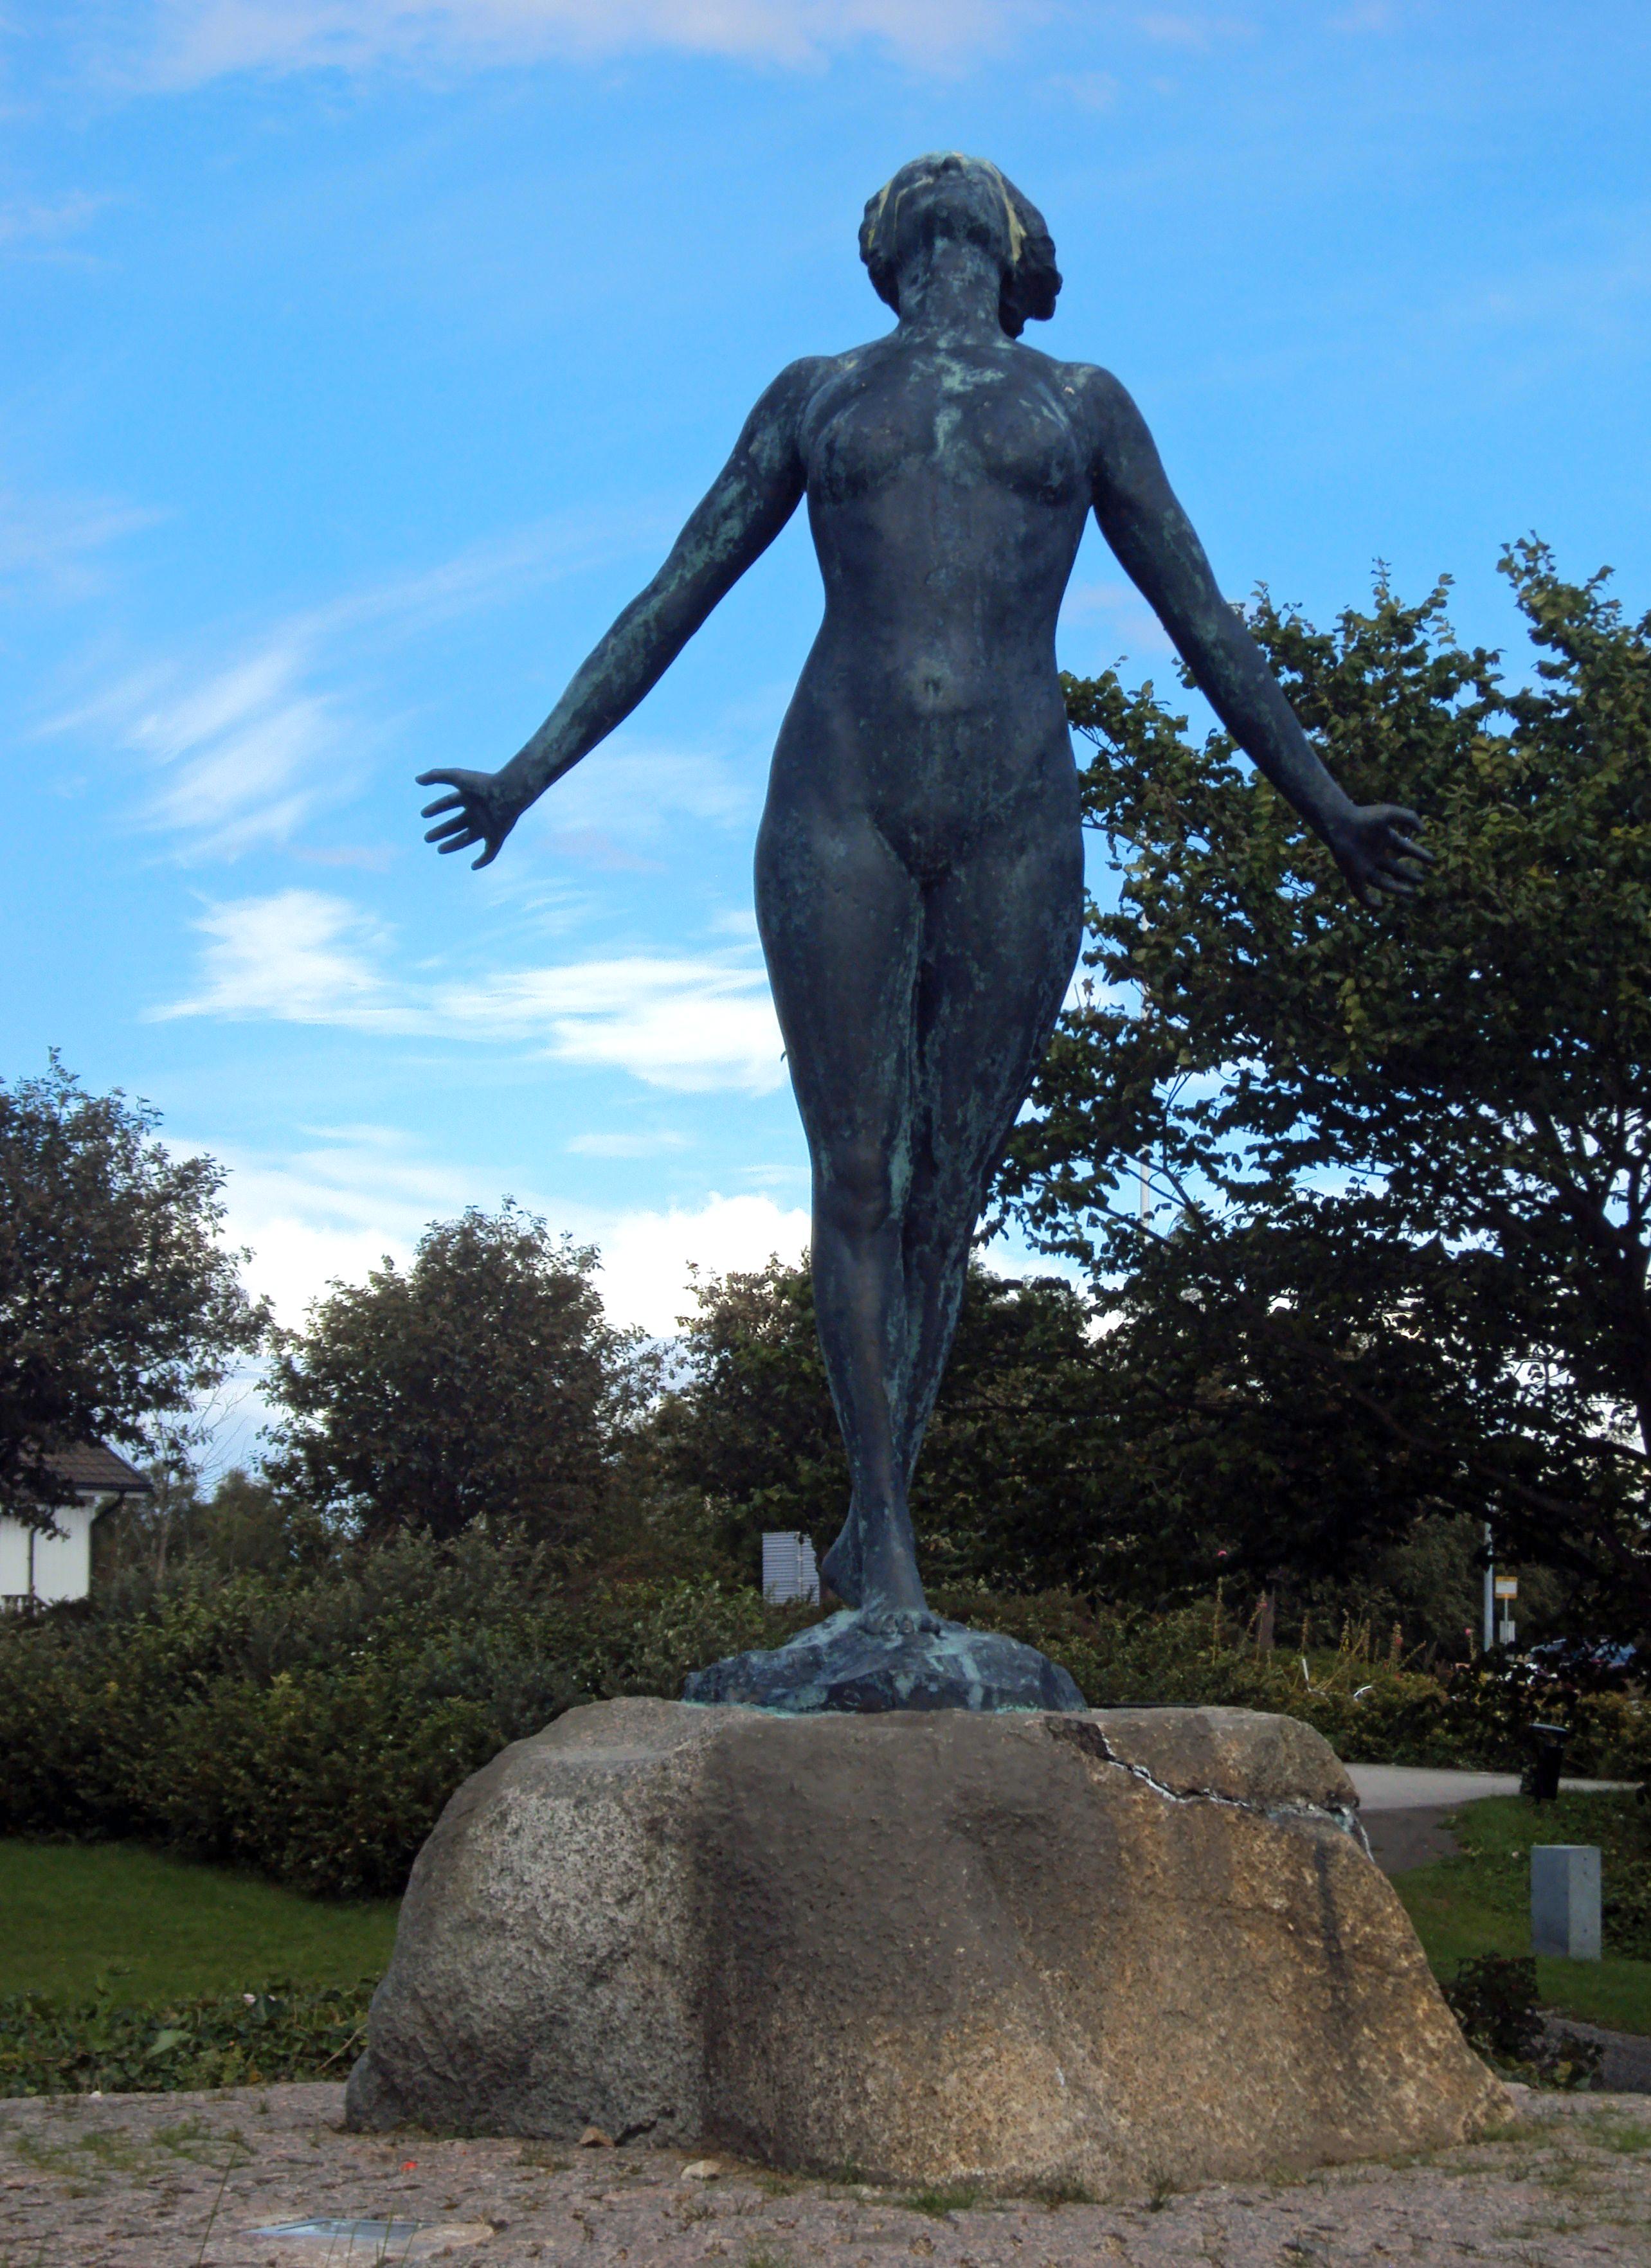 Estatua Famntaget en Smygehuk, Suecia